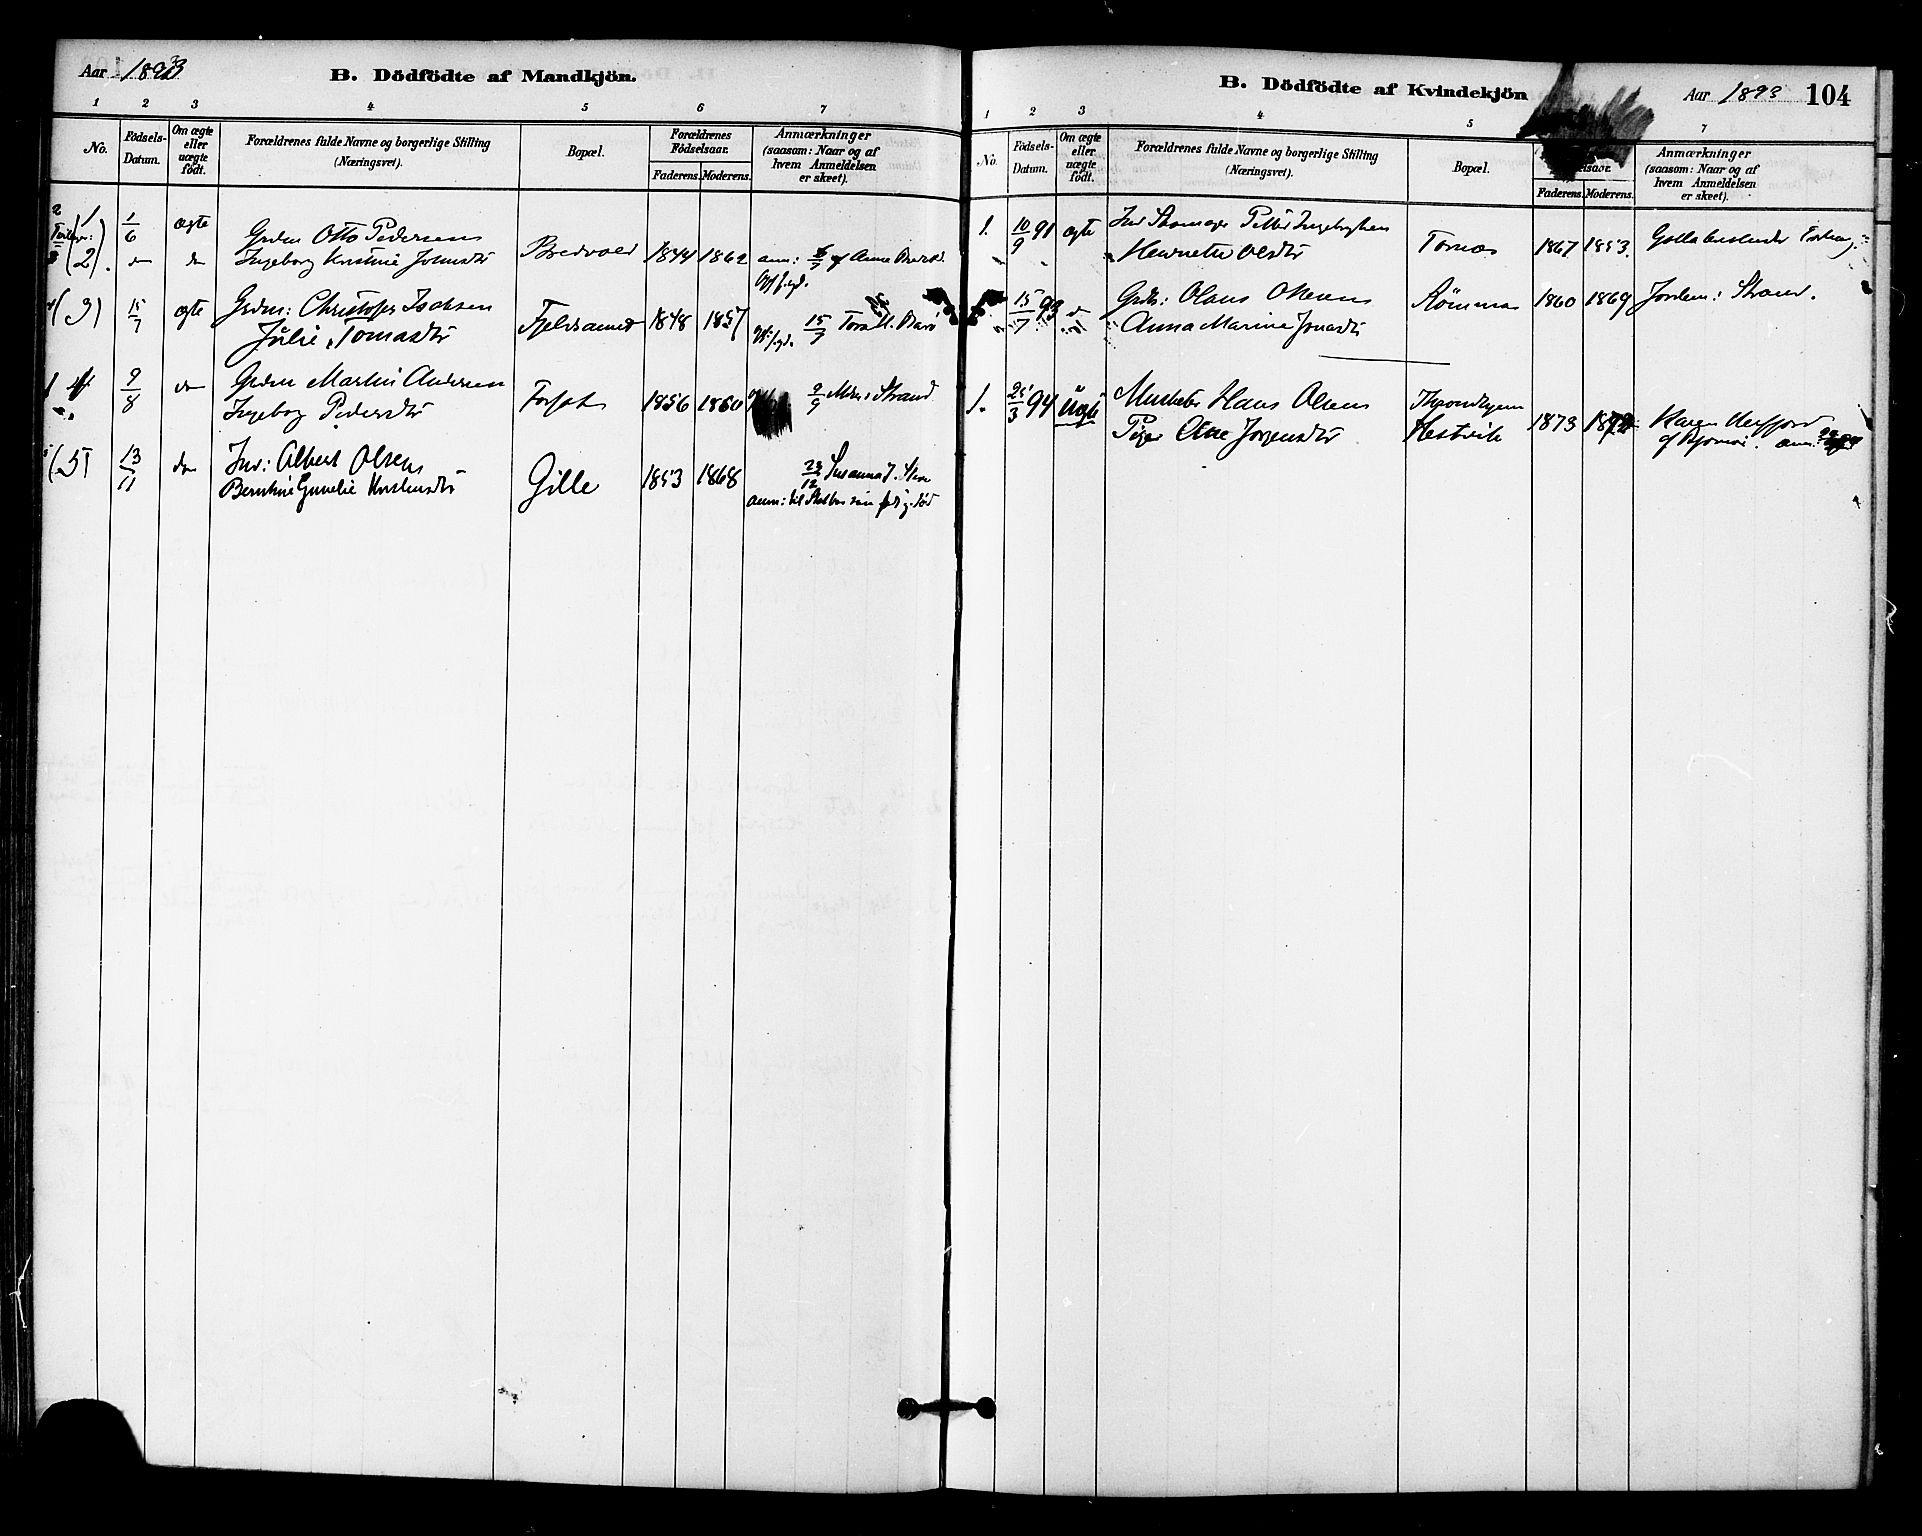 SAT, Ministerialprotokoller, klokkerbøker og fødselsregistre - Sør-Trøndelag, 655/L0680: Ministerialbok nr. 655A09, 1880-1894, s. 104